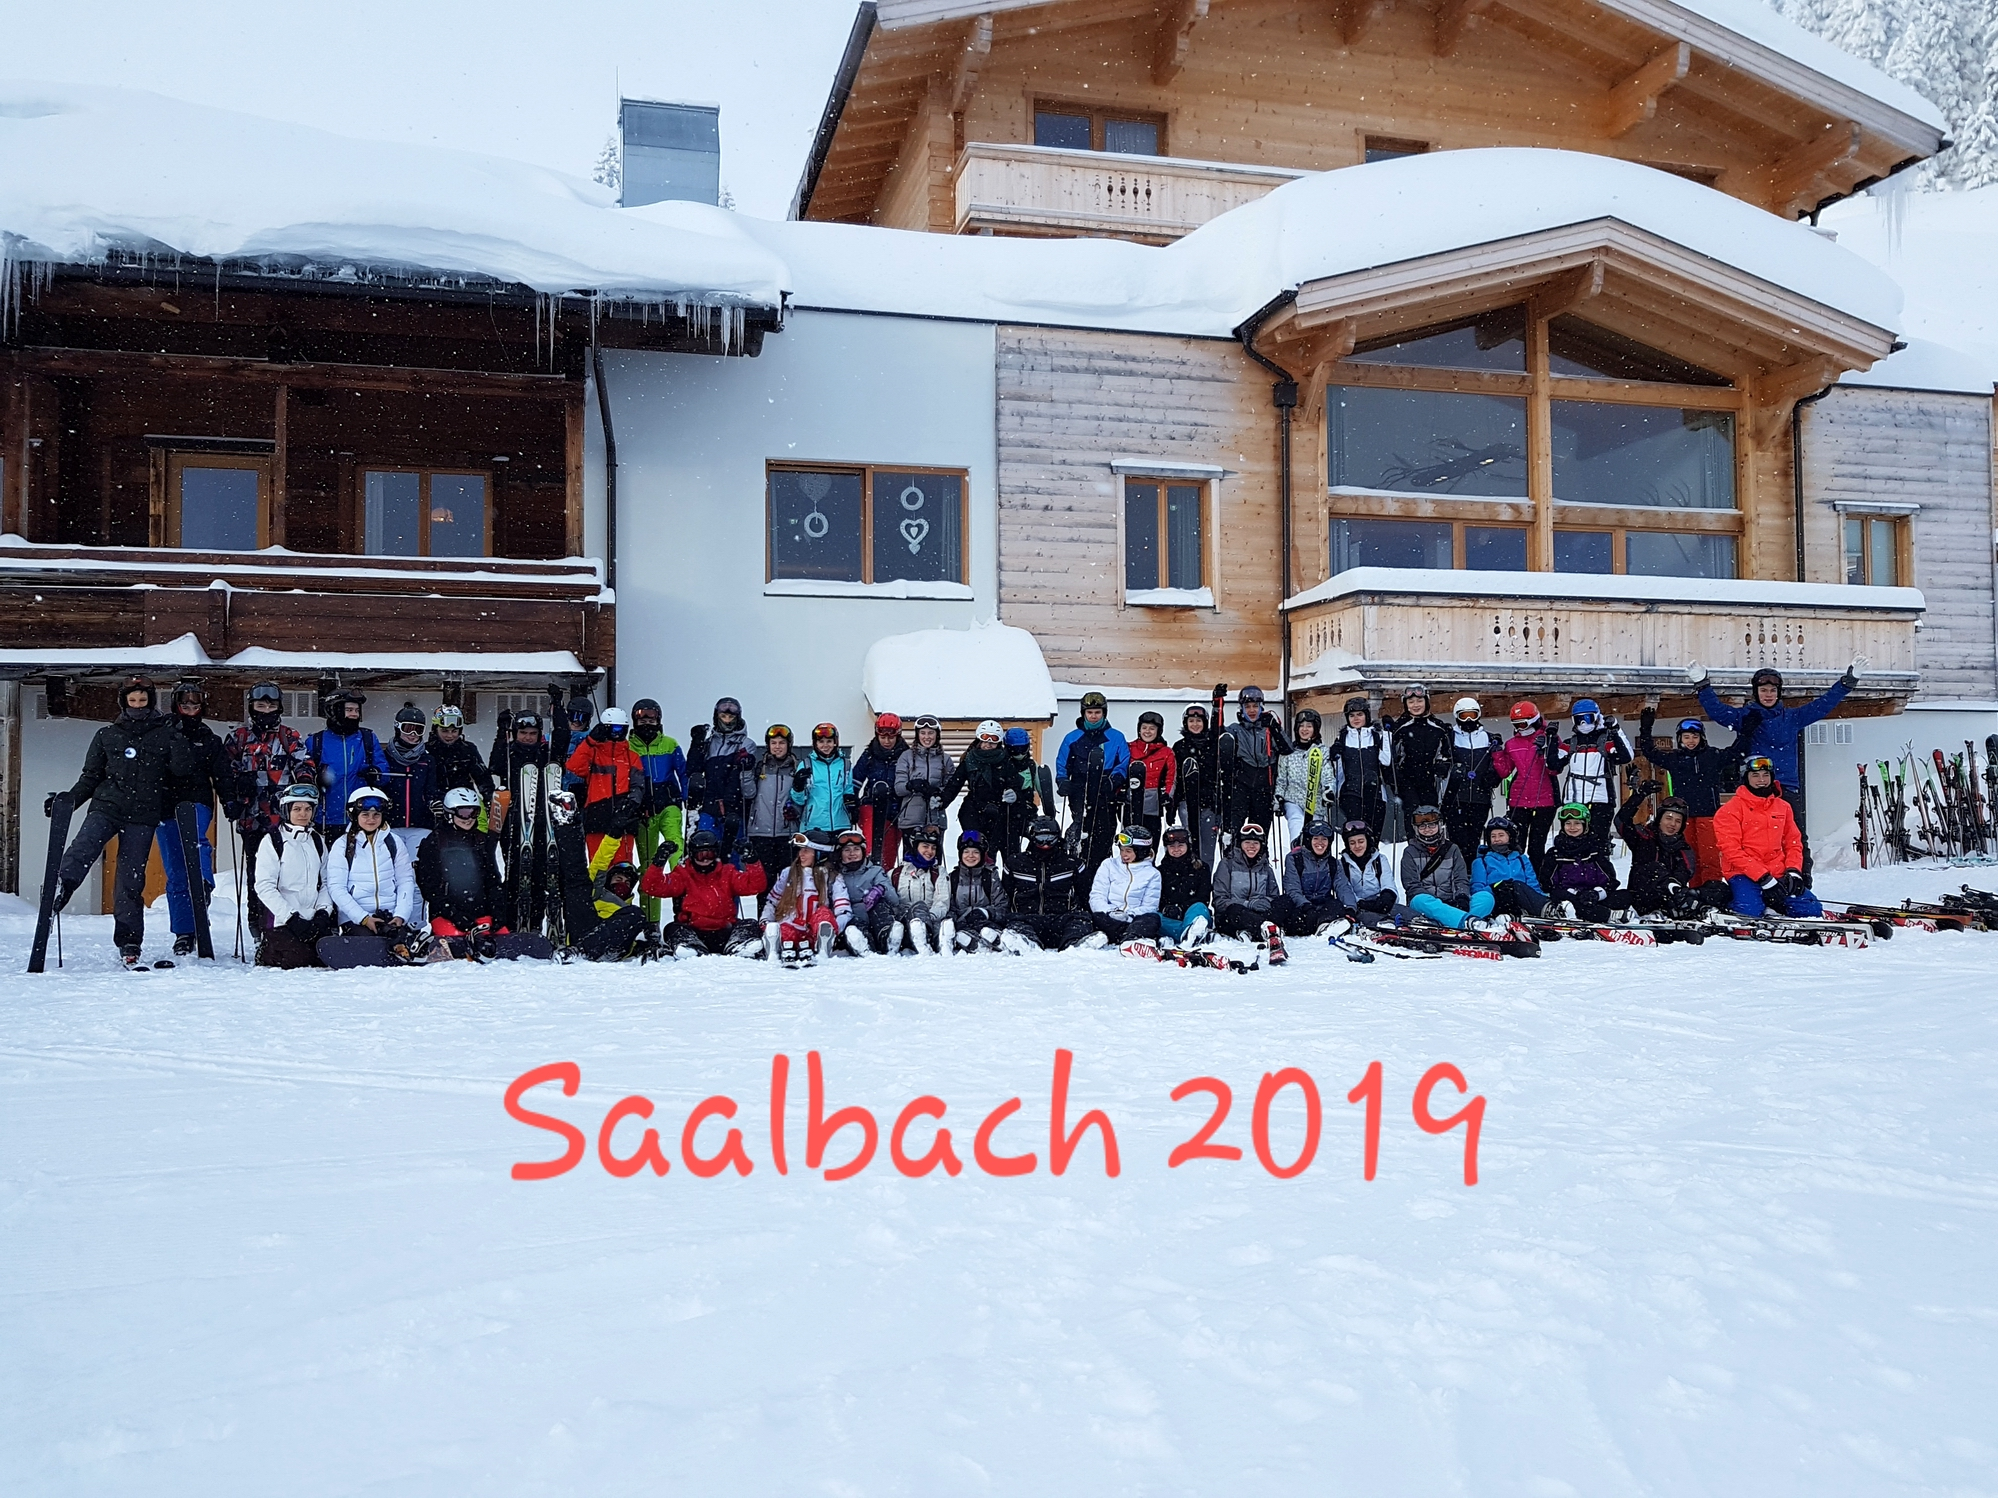 Die Silberkämper in Saalbach 2019